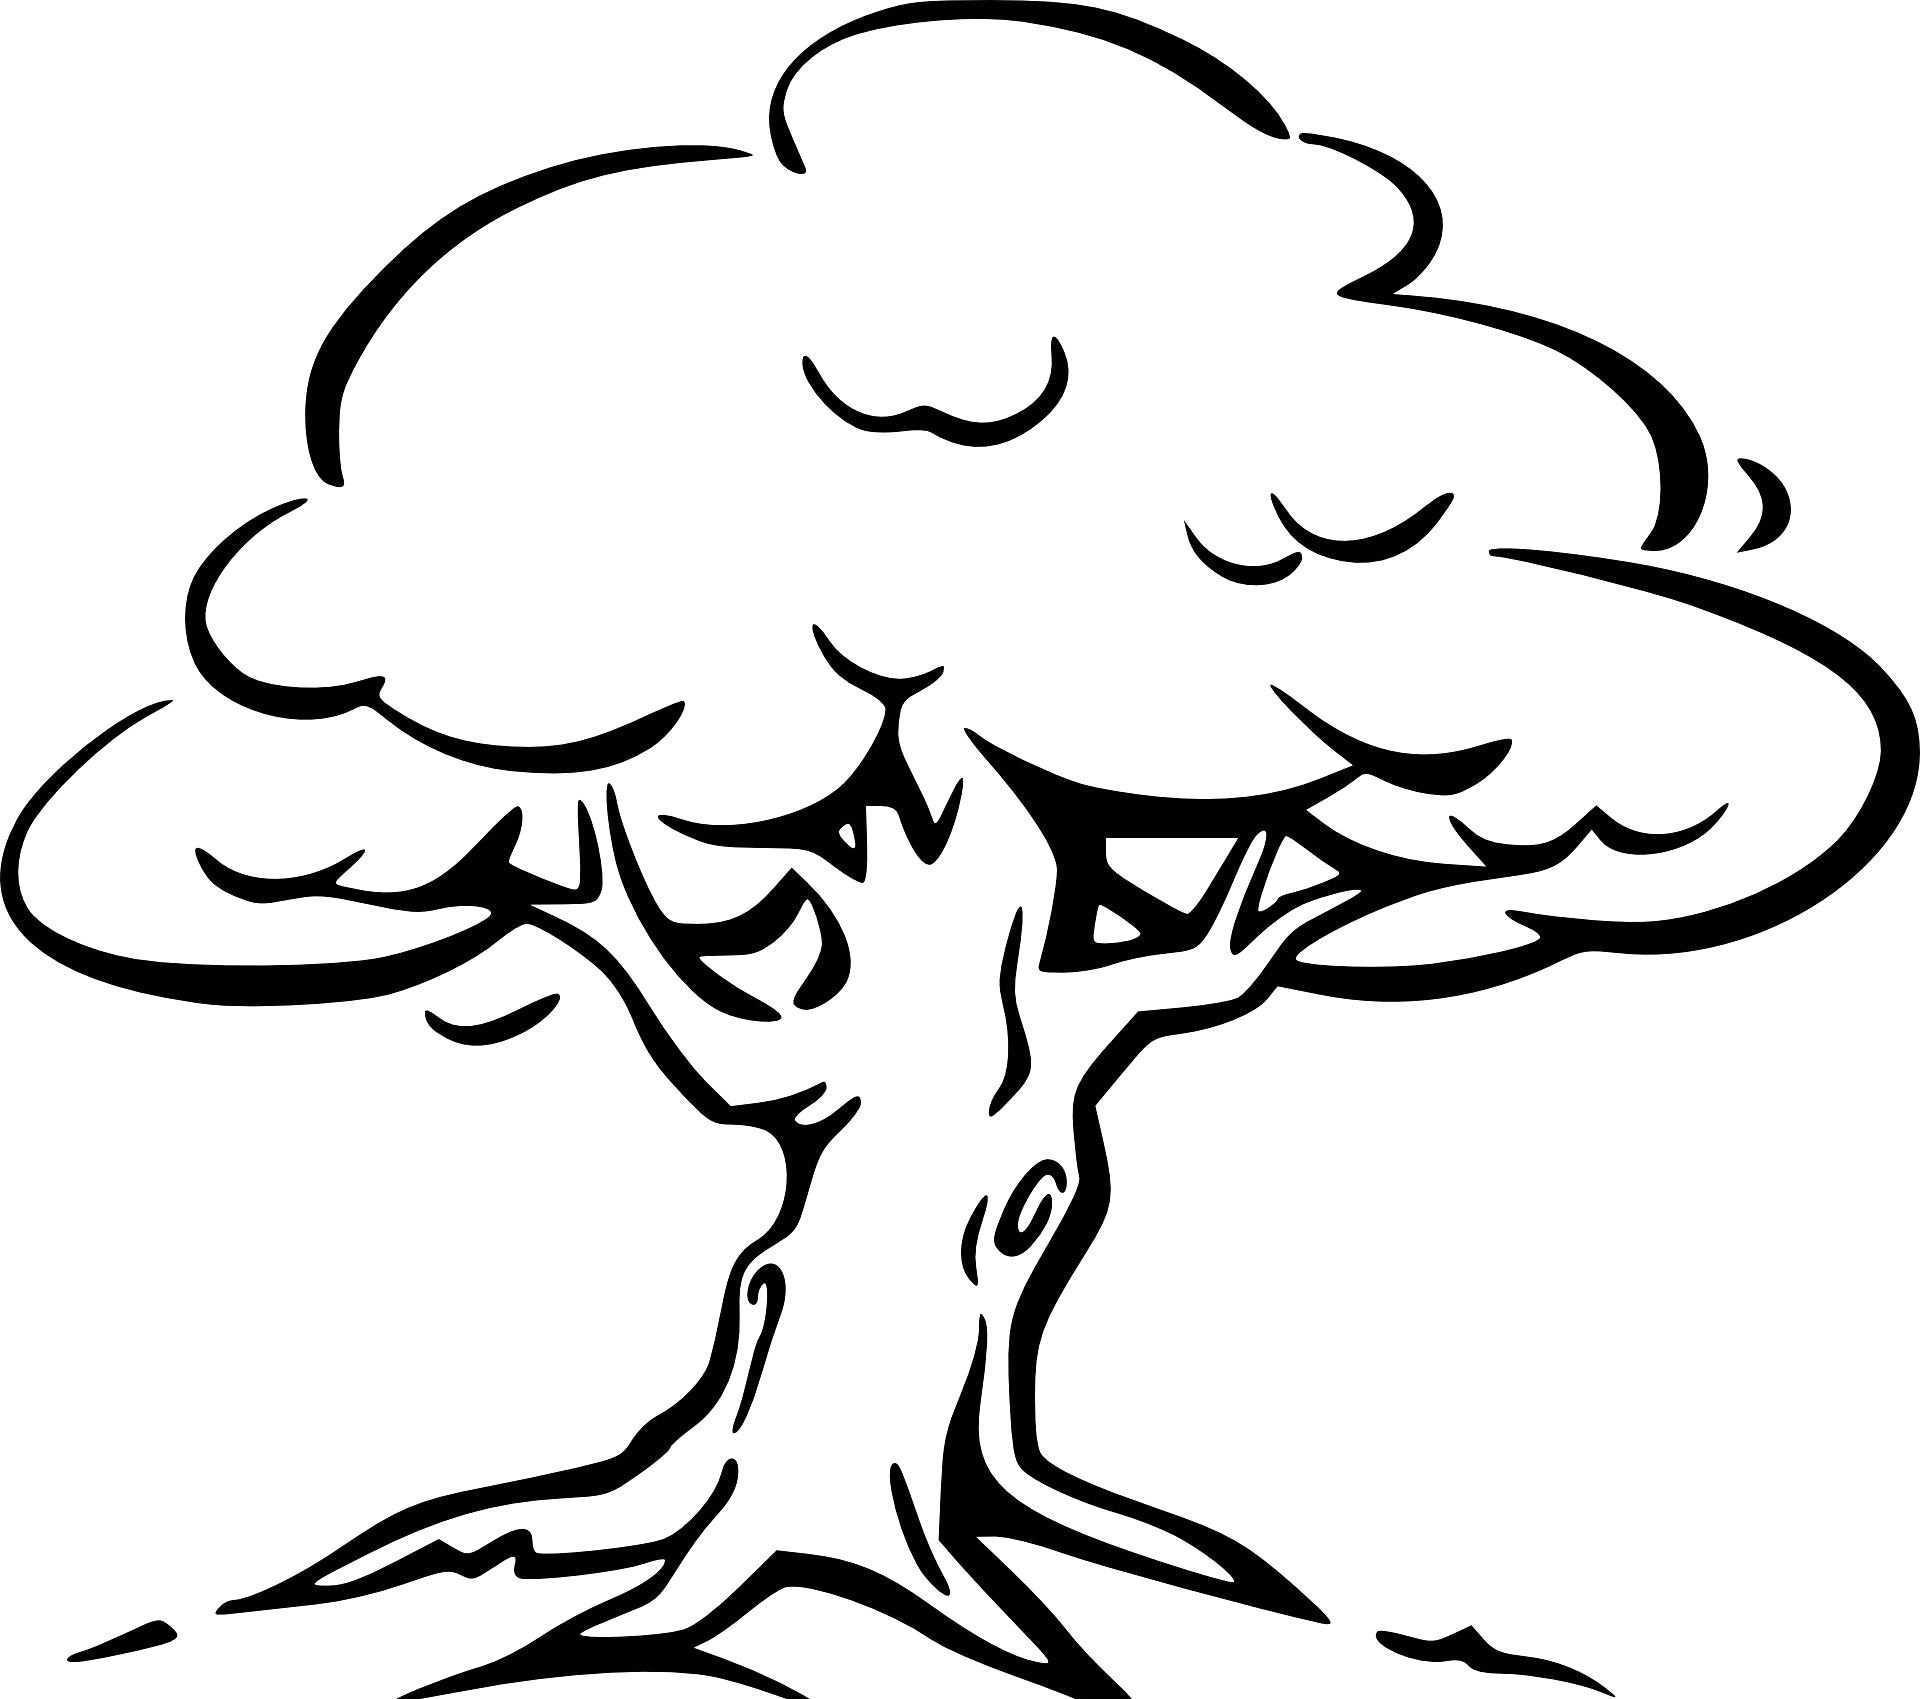 Baum Mit Wurzeln Ausmalbild Malvorlagen Baum Zeichnung Ausmalbilder